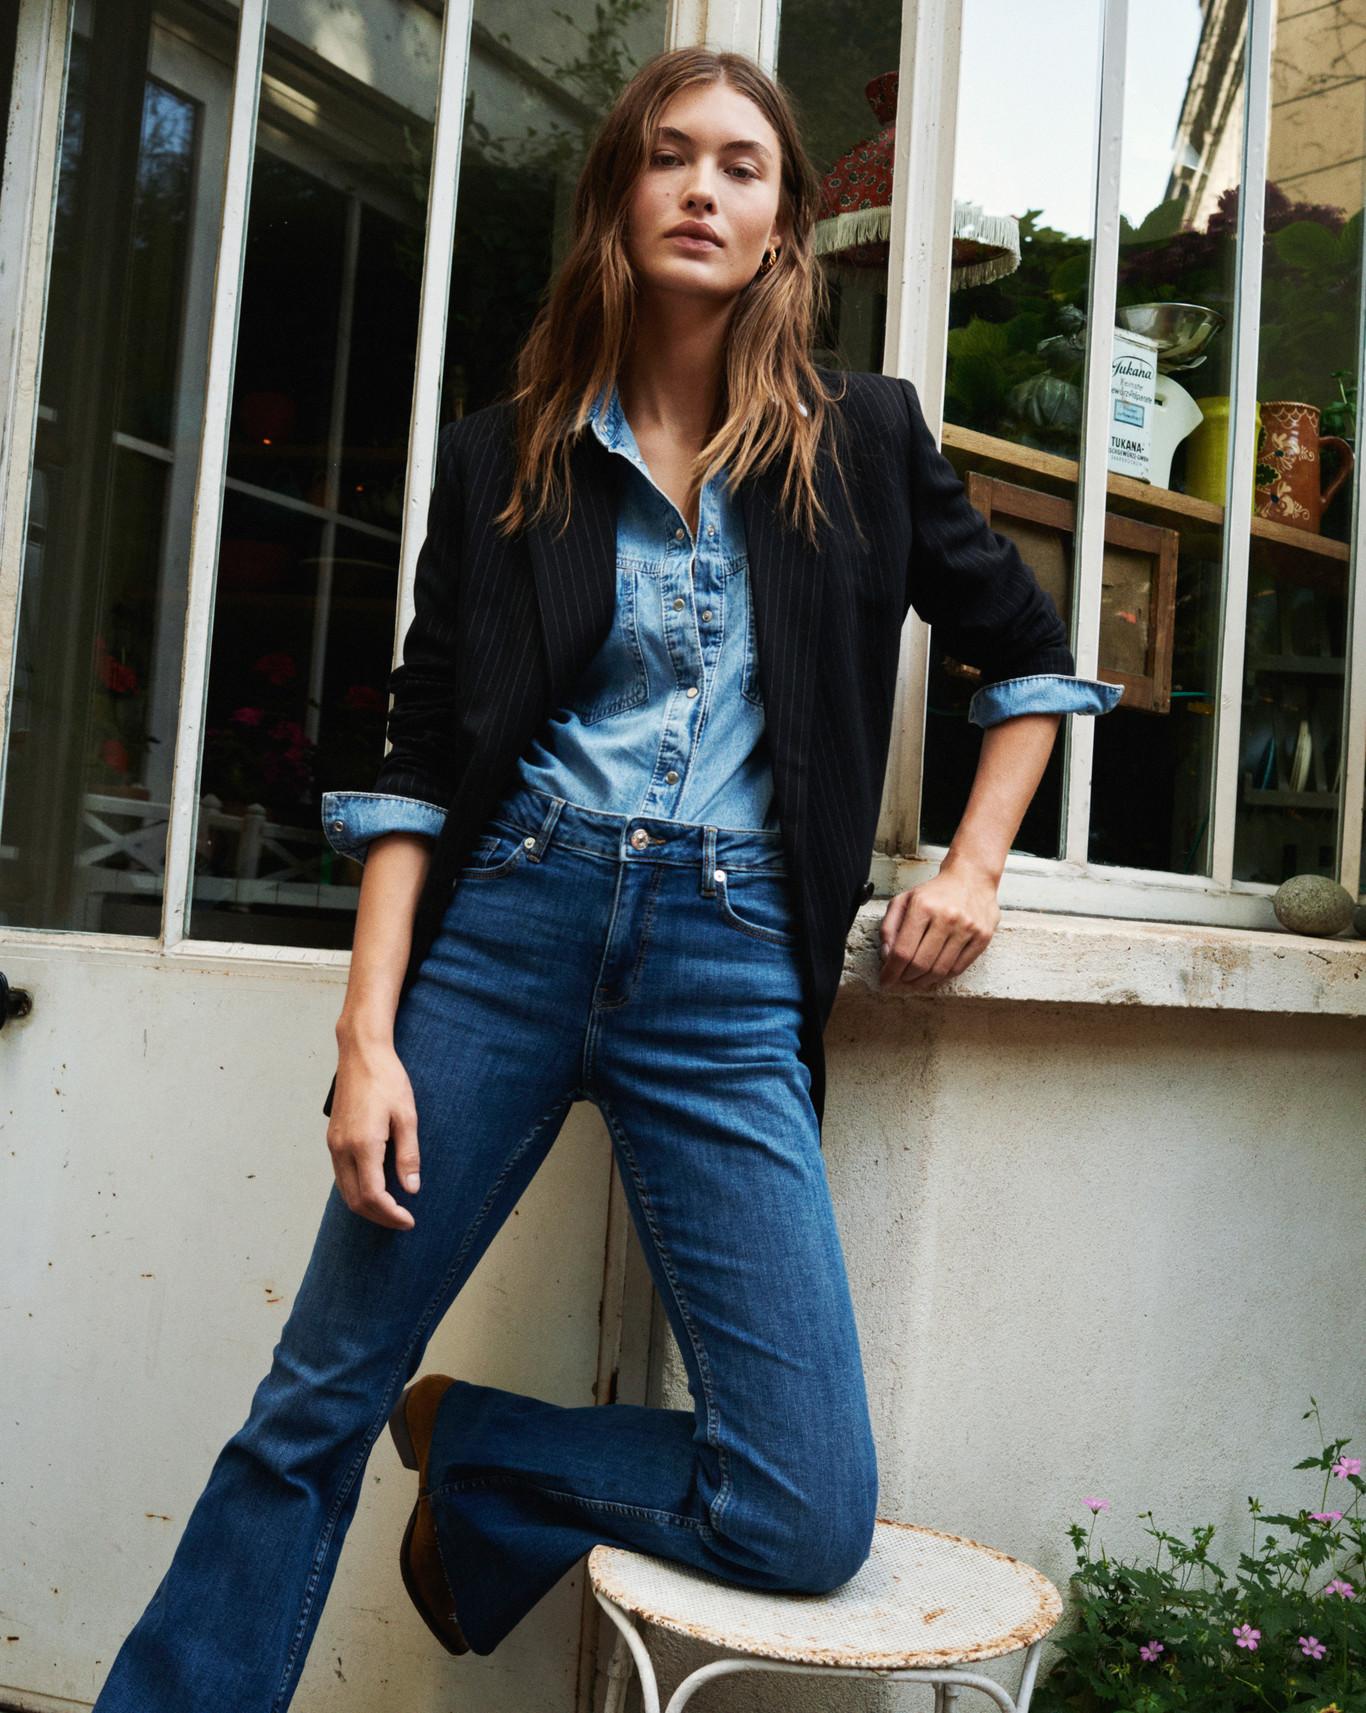 Mango Nos Presenta Su Nueva Campana Looks De Estilo Parisino Ideales Para Dar La Bienvenida Al Otono